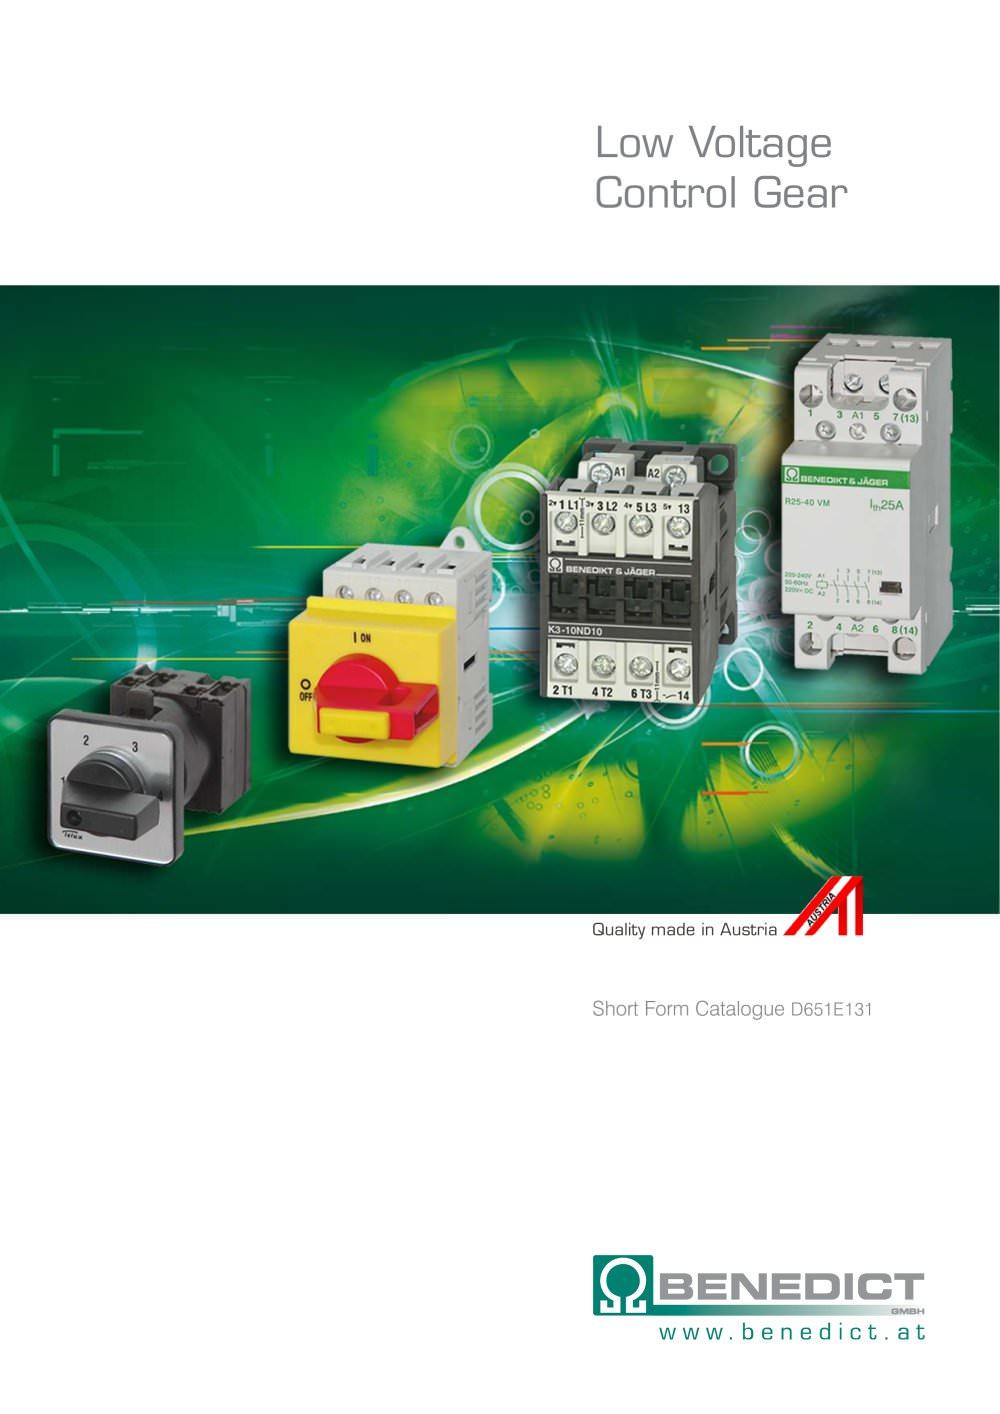 benedict lighting contactors